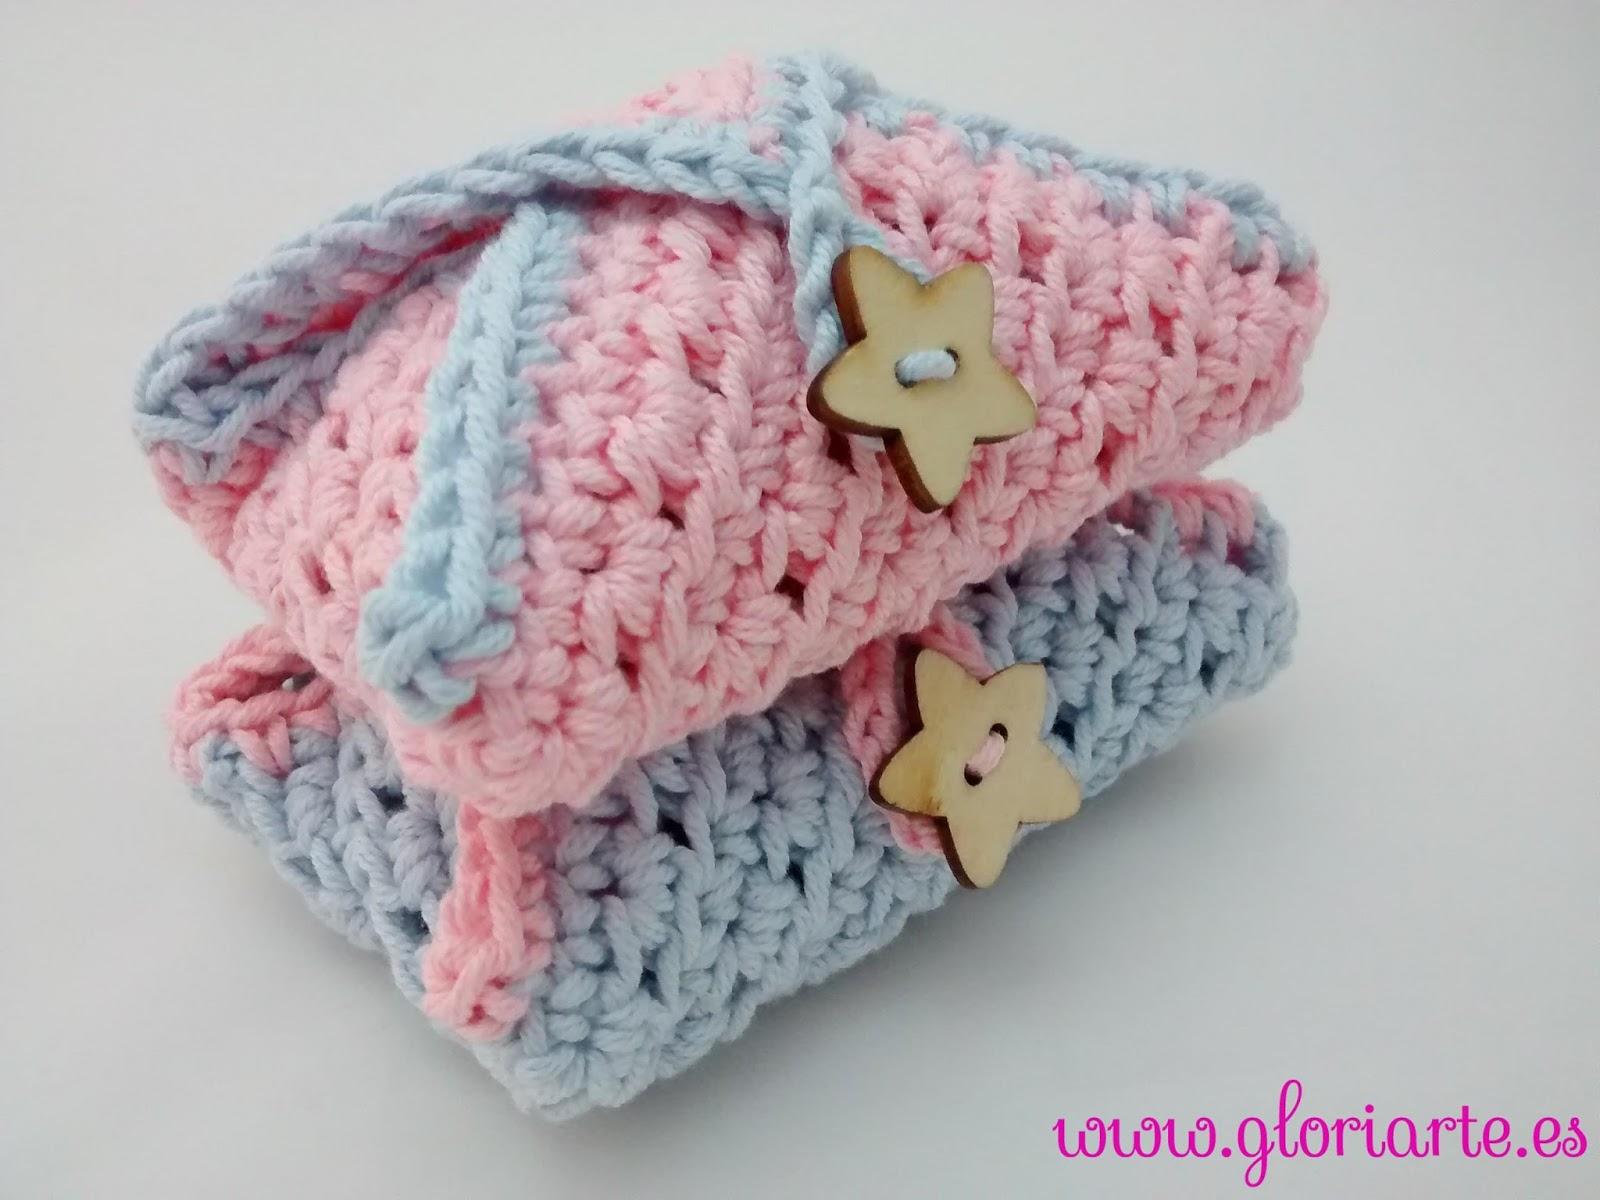 Funda de ganchillo para guardar el jab n gloriarte crochet - Detalles de ganchillo para regalar ...